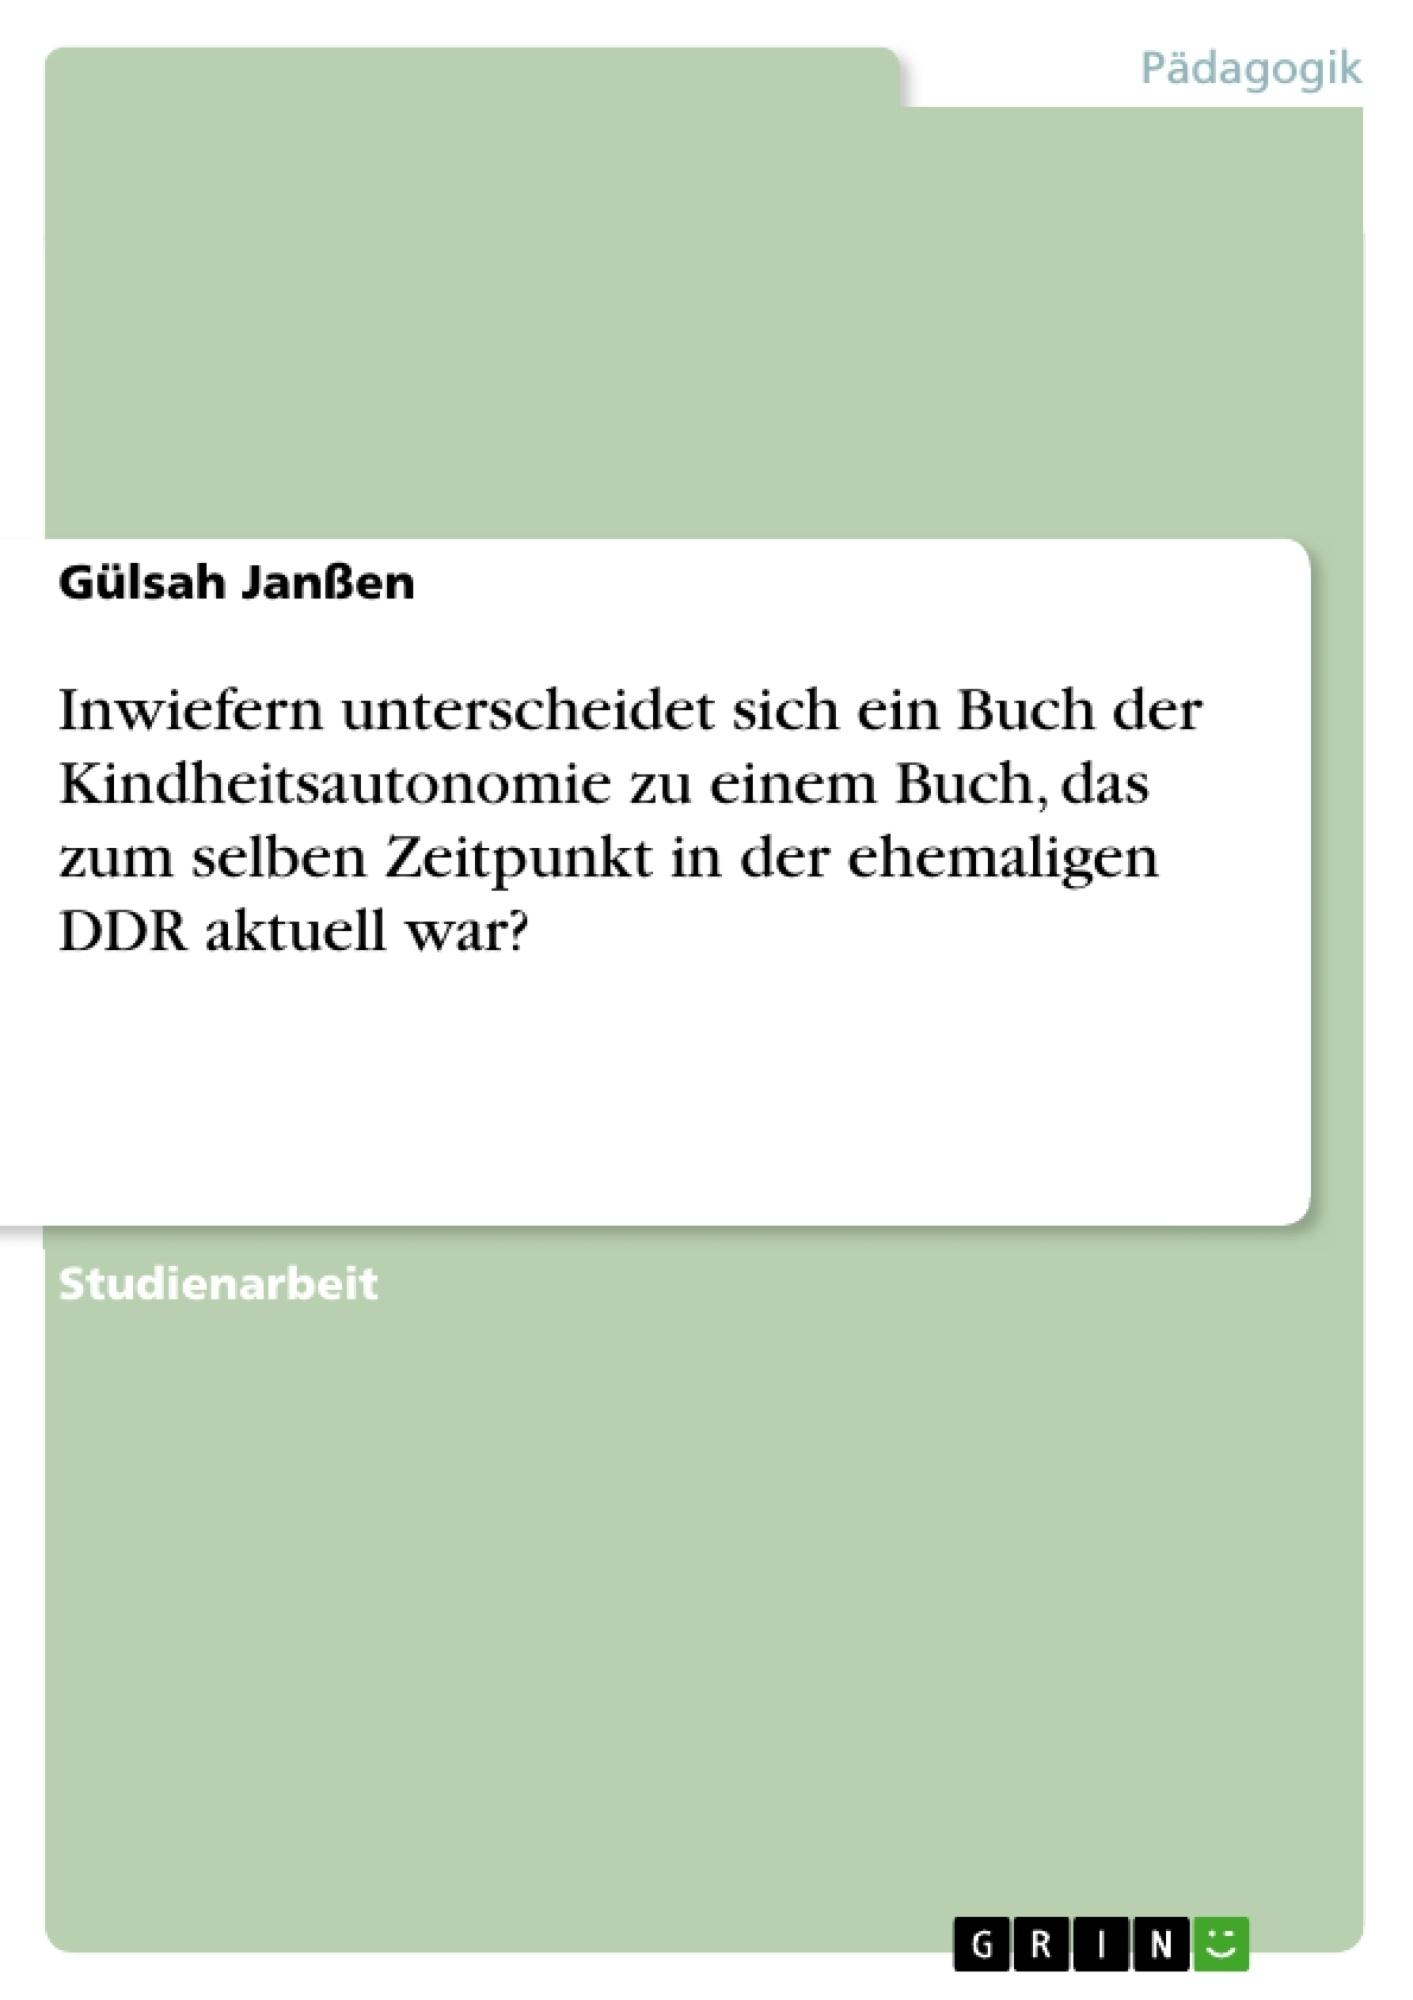 Titel: Inwiefern unterscheidet sich ein Buch der Kindheitsautonomie zu einem Buch, das zum selben Zeitpunkt in der ehemaligen DDR aktuell war?